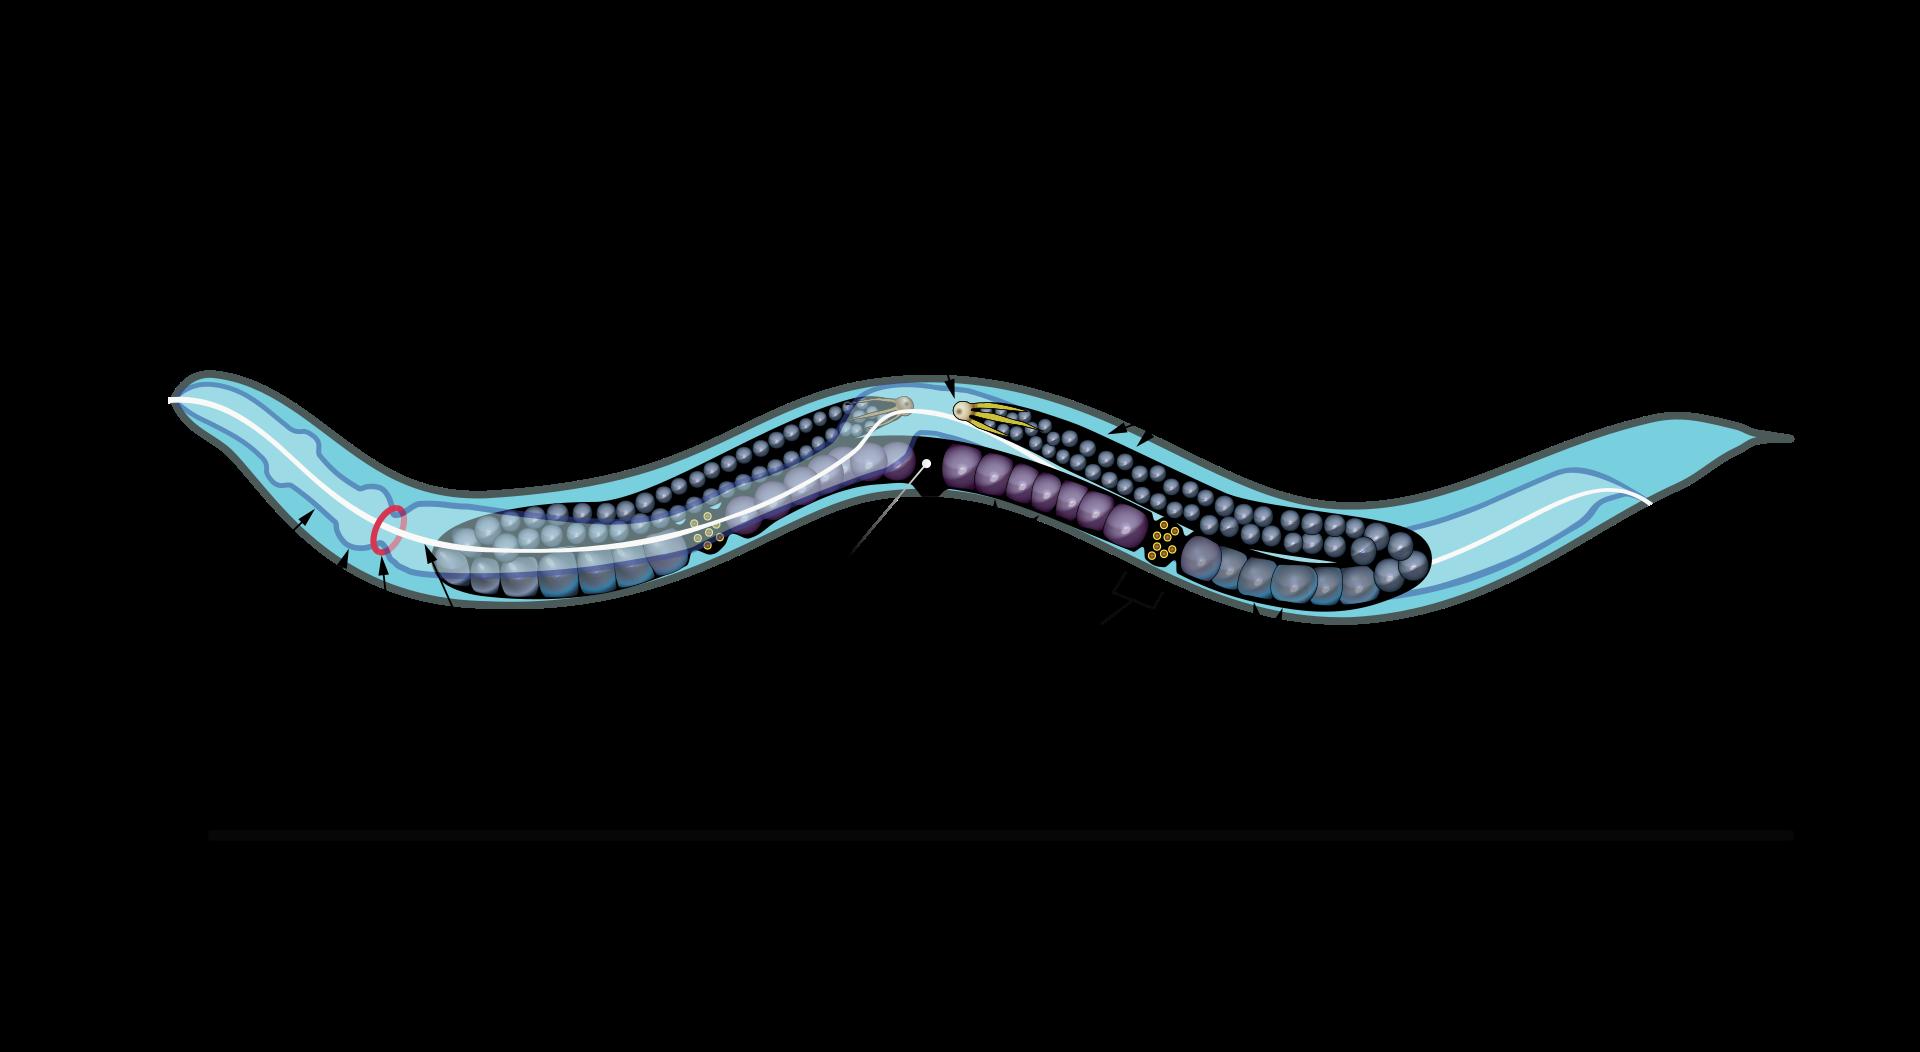 A Caenorhabditis elegansegyfonálféreg(nagyon változatos féregcsoport), csak egy milliméter hosszú, ám az egyik legfontosabb állat a tudomány számára.